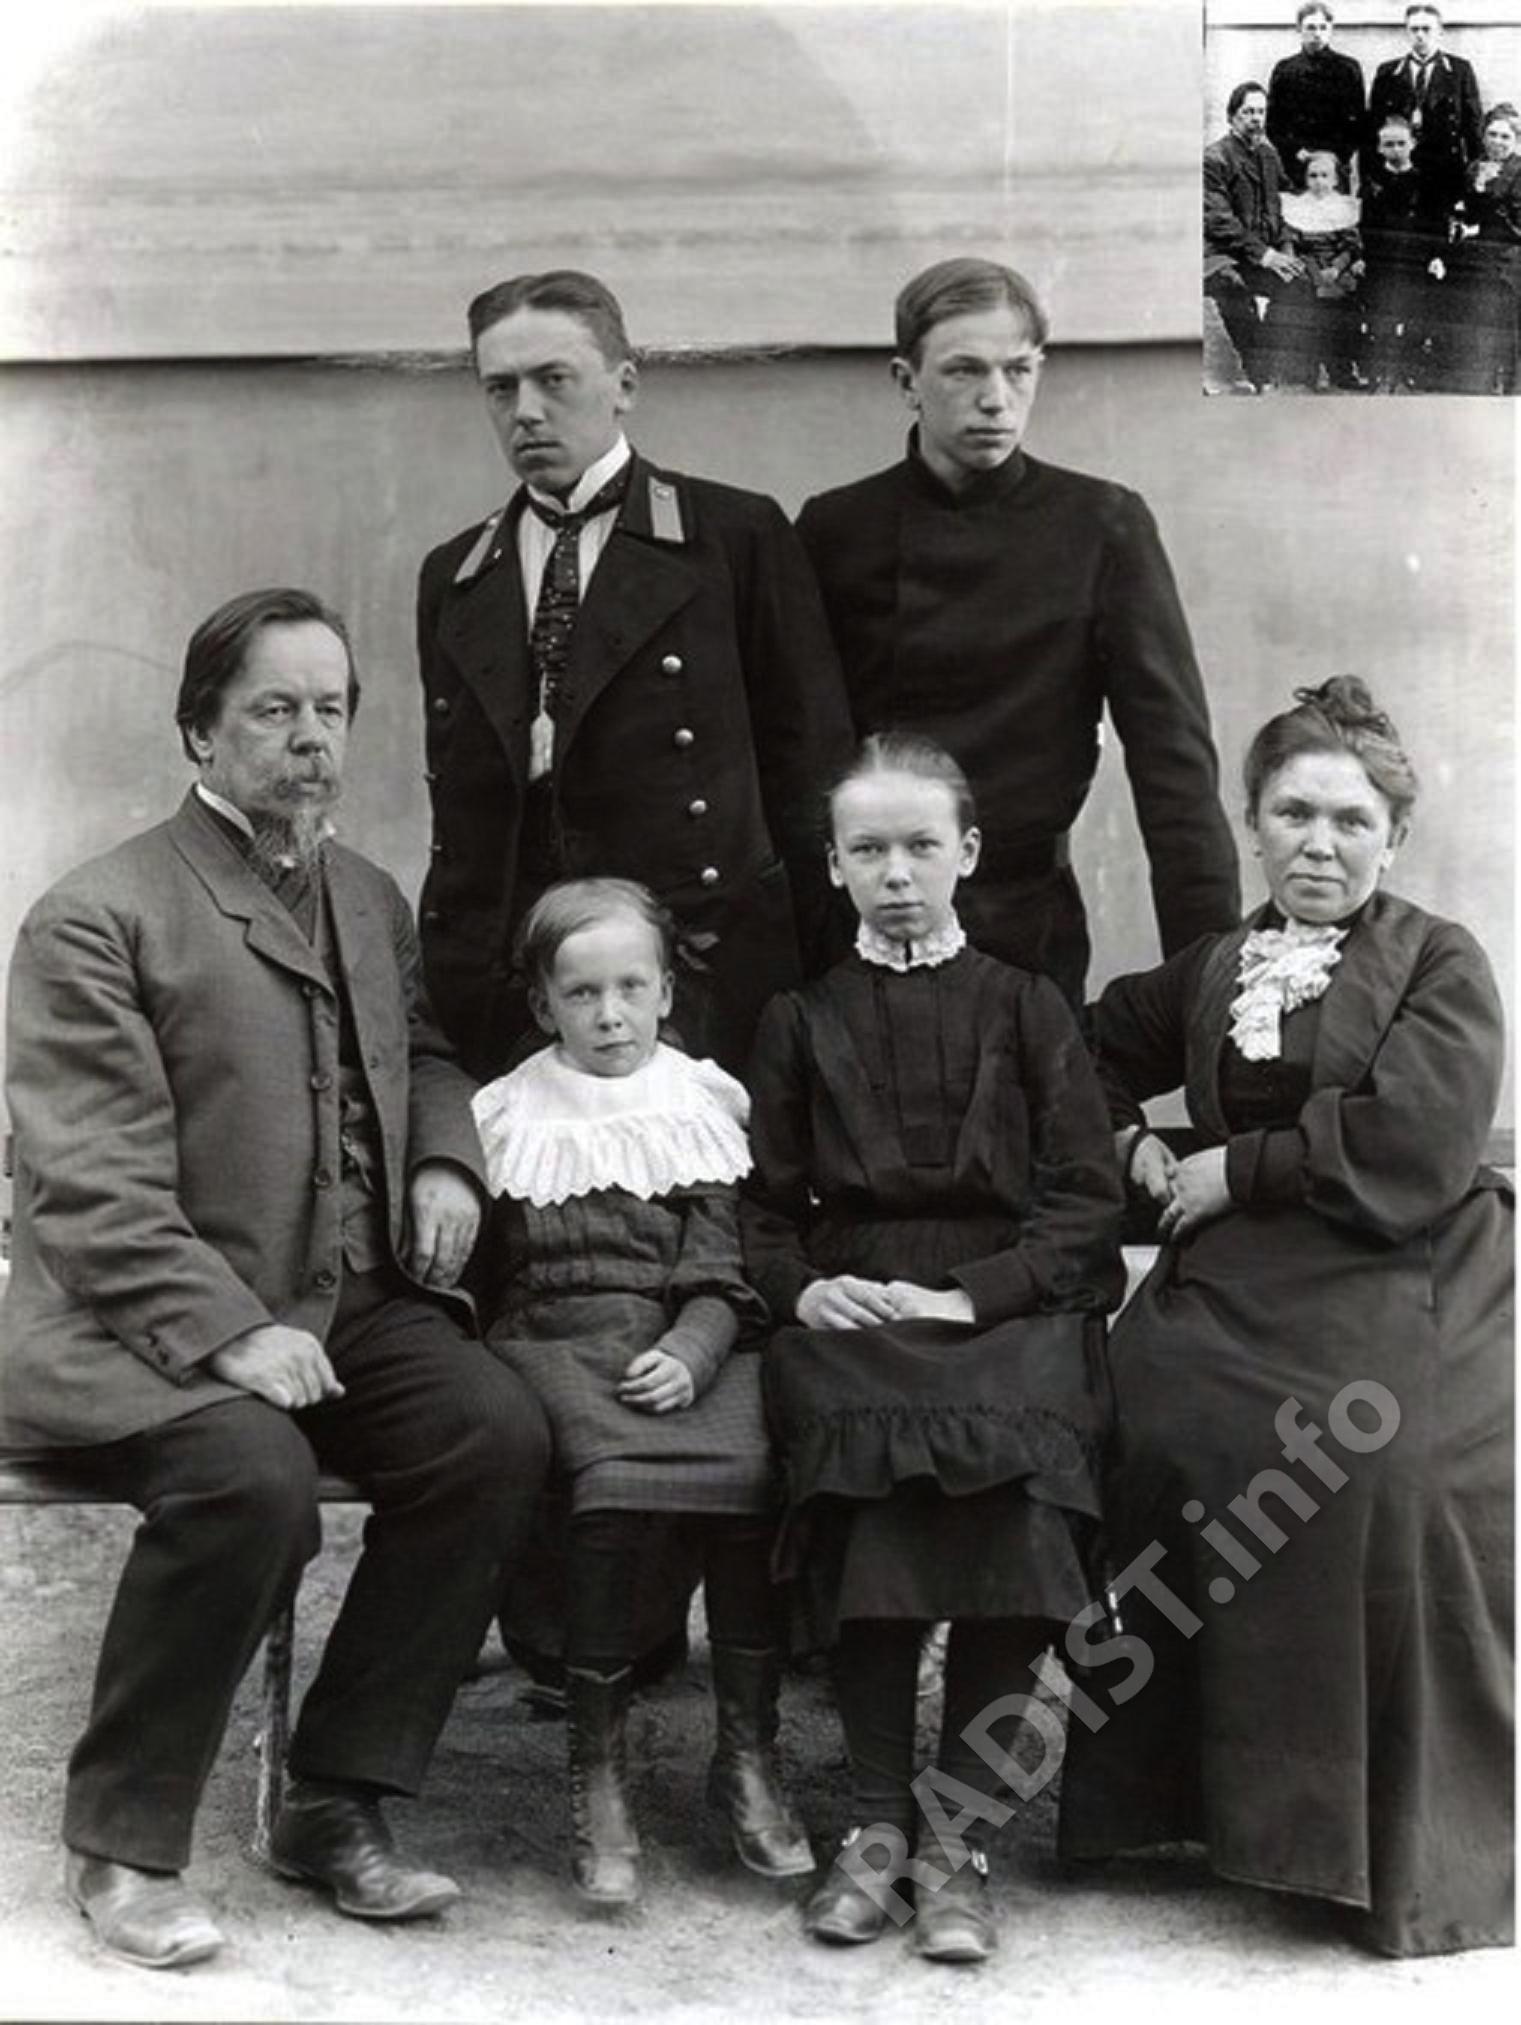 Последняя семейная фотография А.С. Попова. Во дворе электротехнического института в г. Санкт-Петербурге, 1905 г.